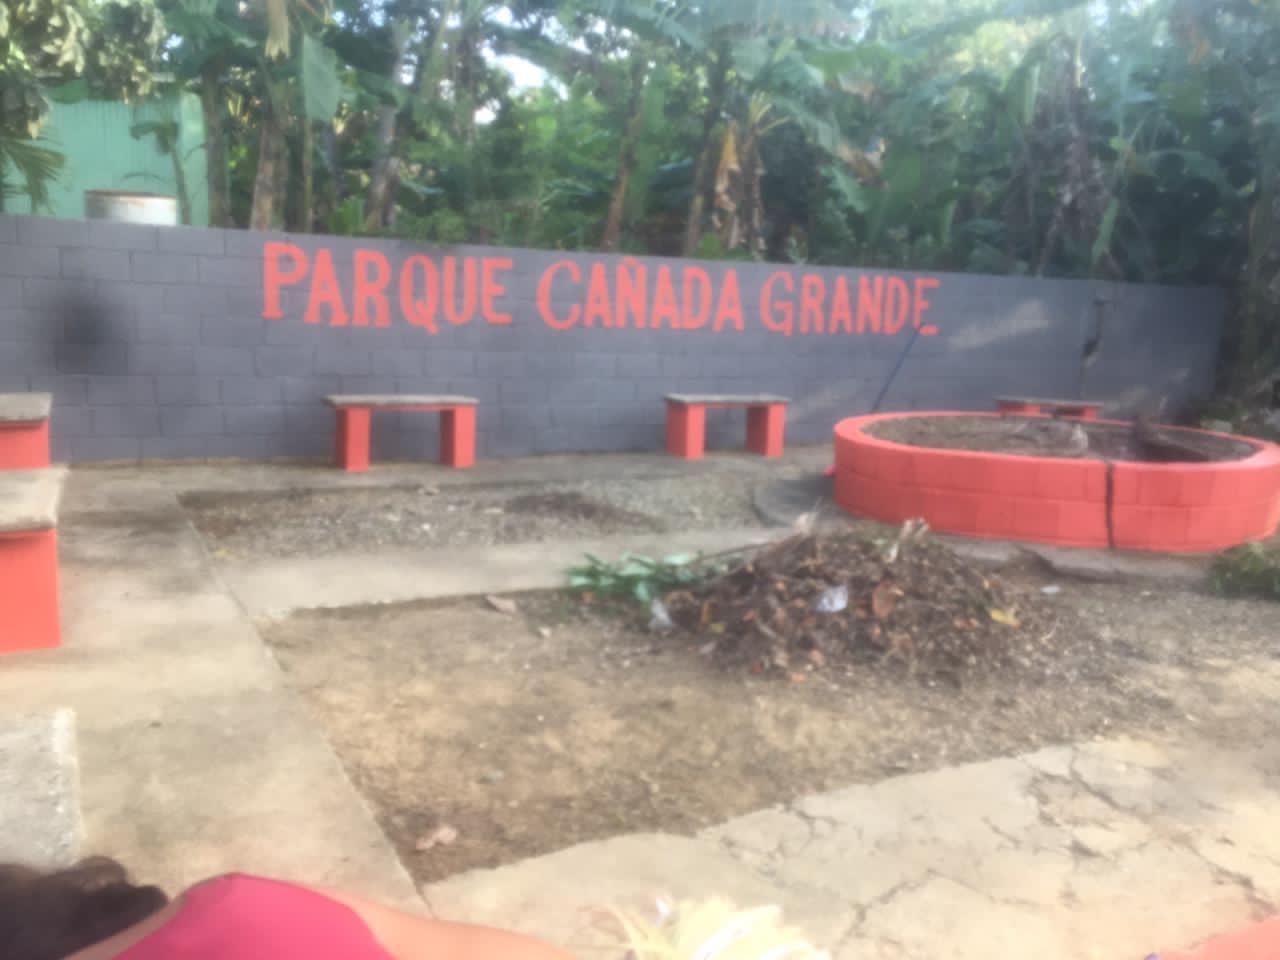 Remozamiento de estancia de recreación en la comunidad de Cañada Grande